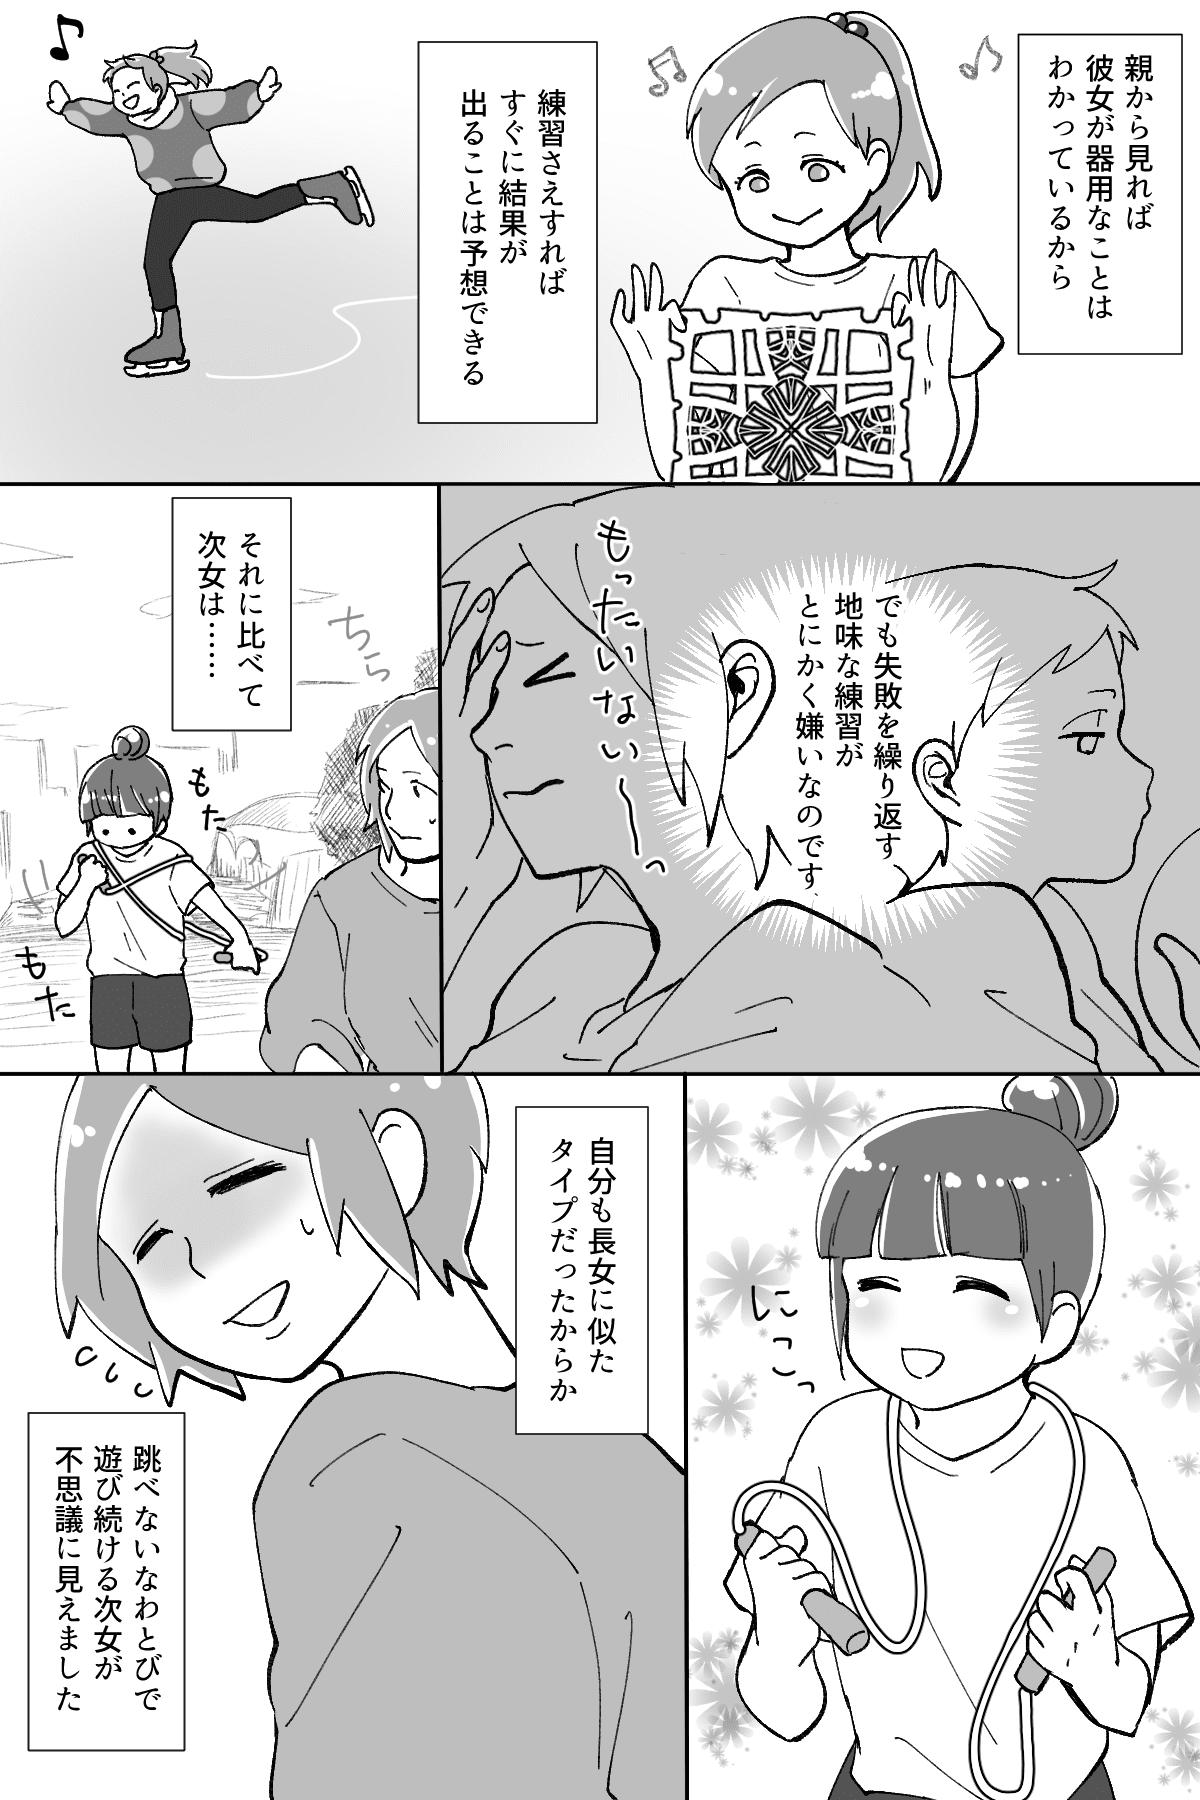 【前編】才能VS努力!?